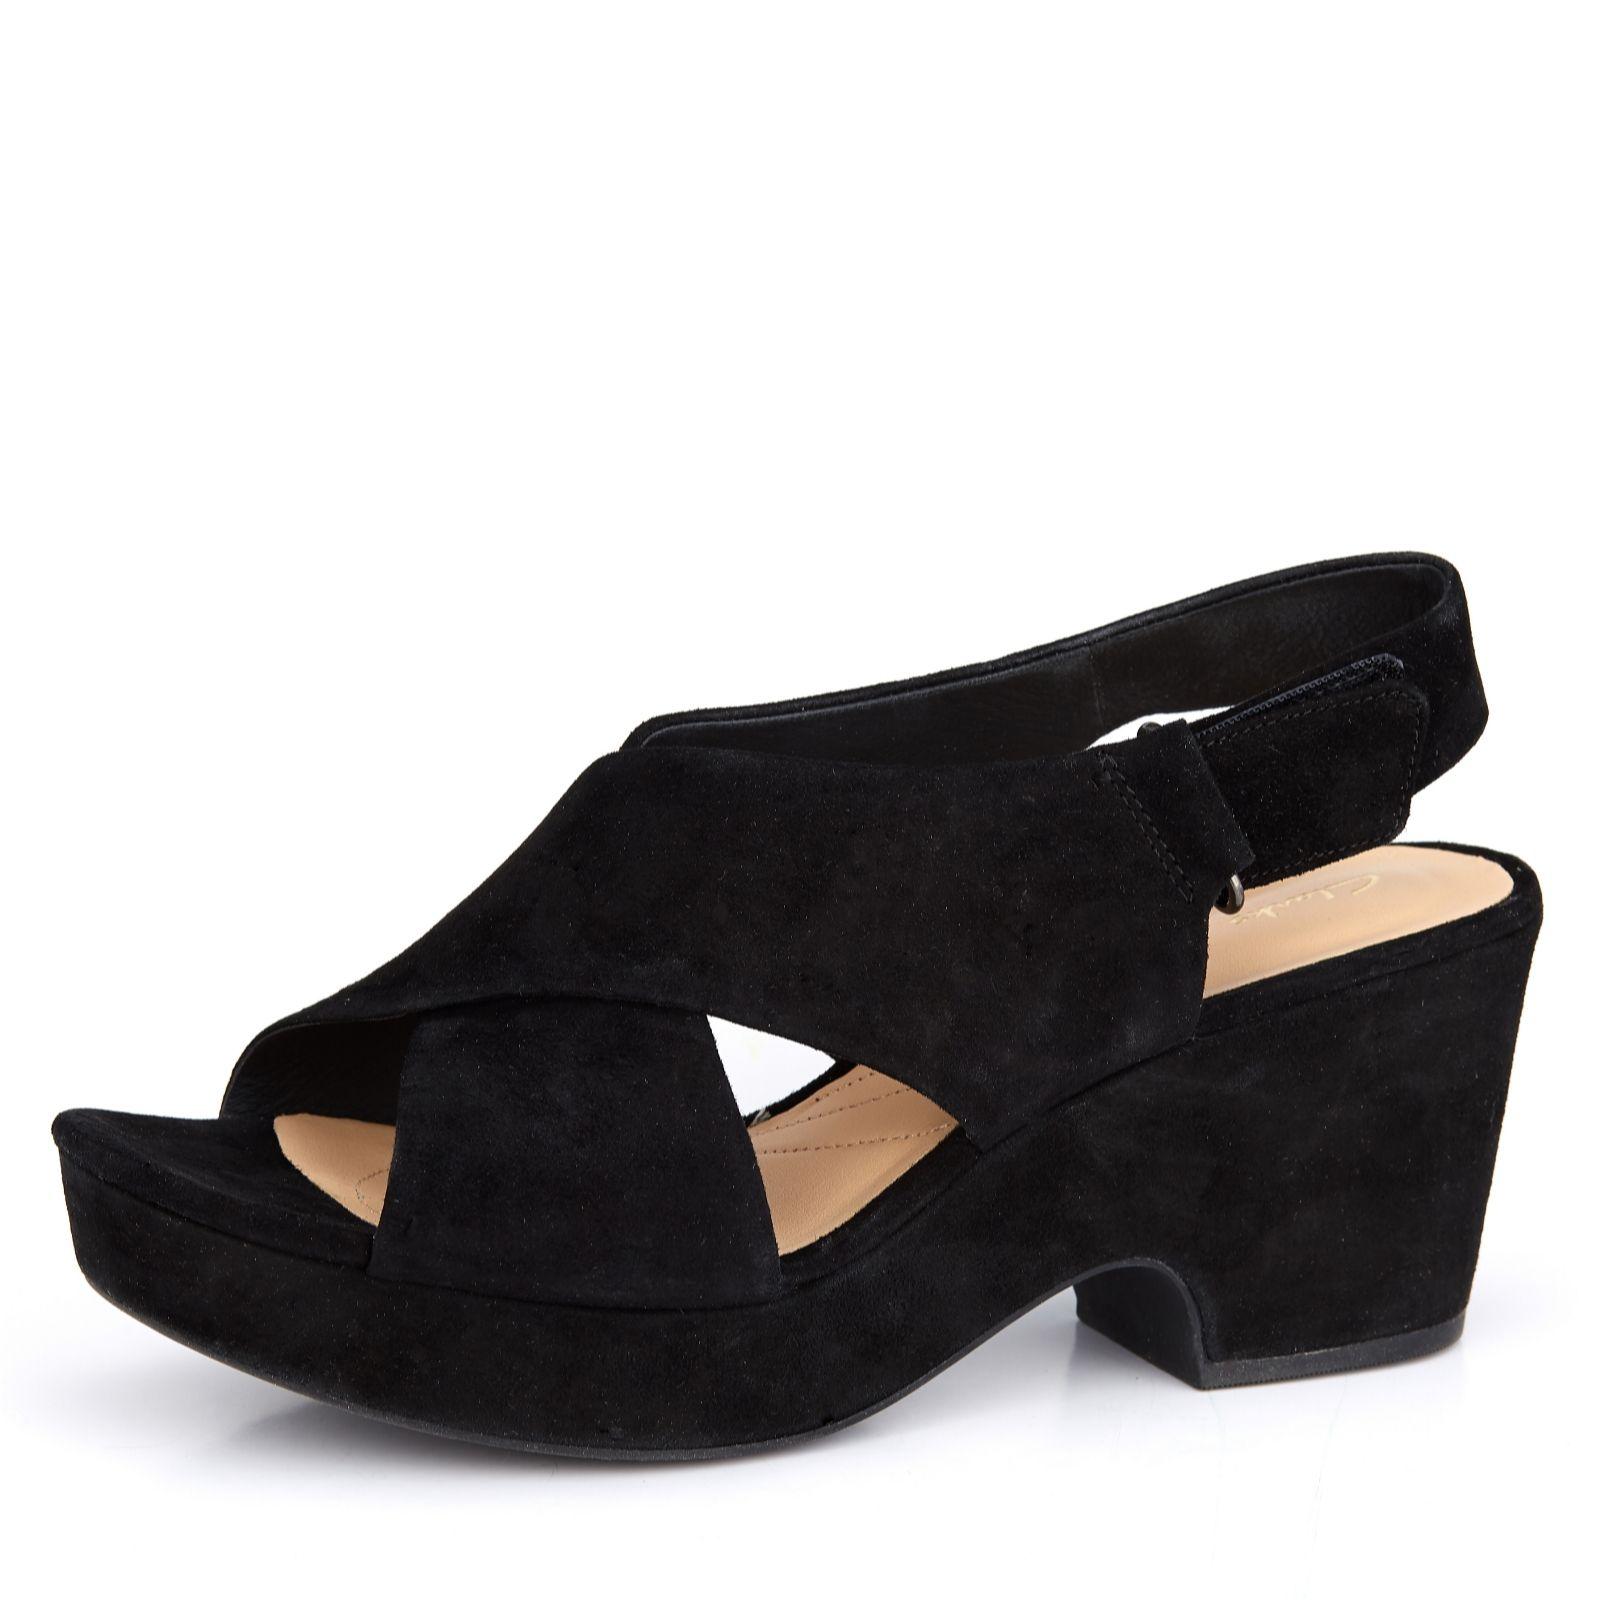 4f294a25ca53 Clarks Marista Lara Cross Strap Sandal Standard Fit - QVC UK